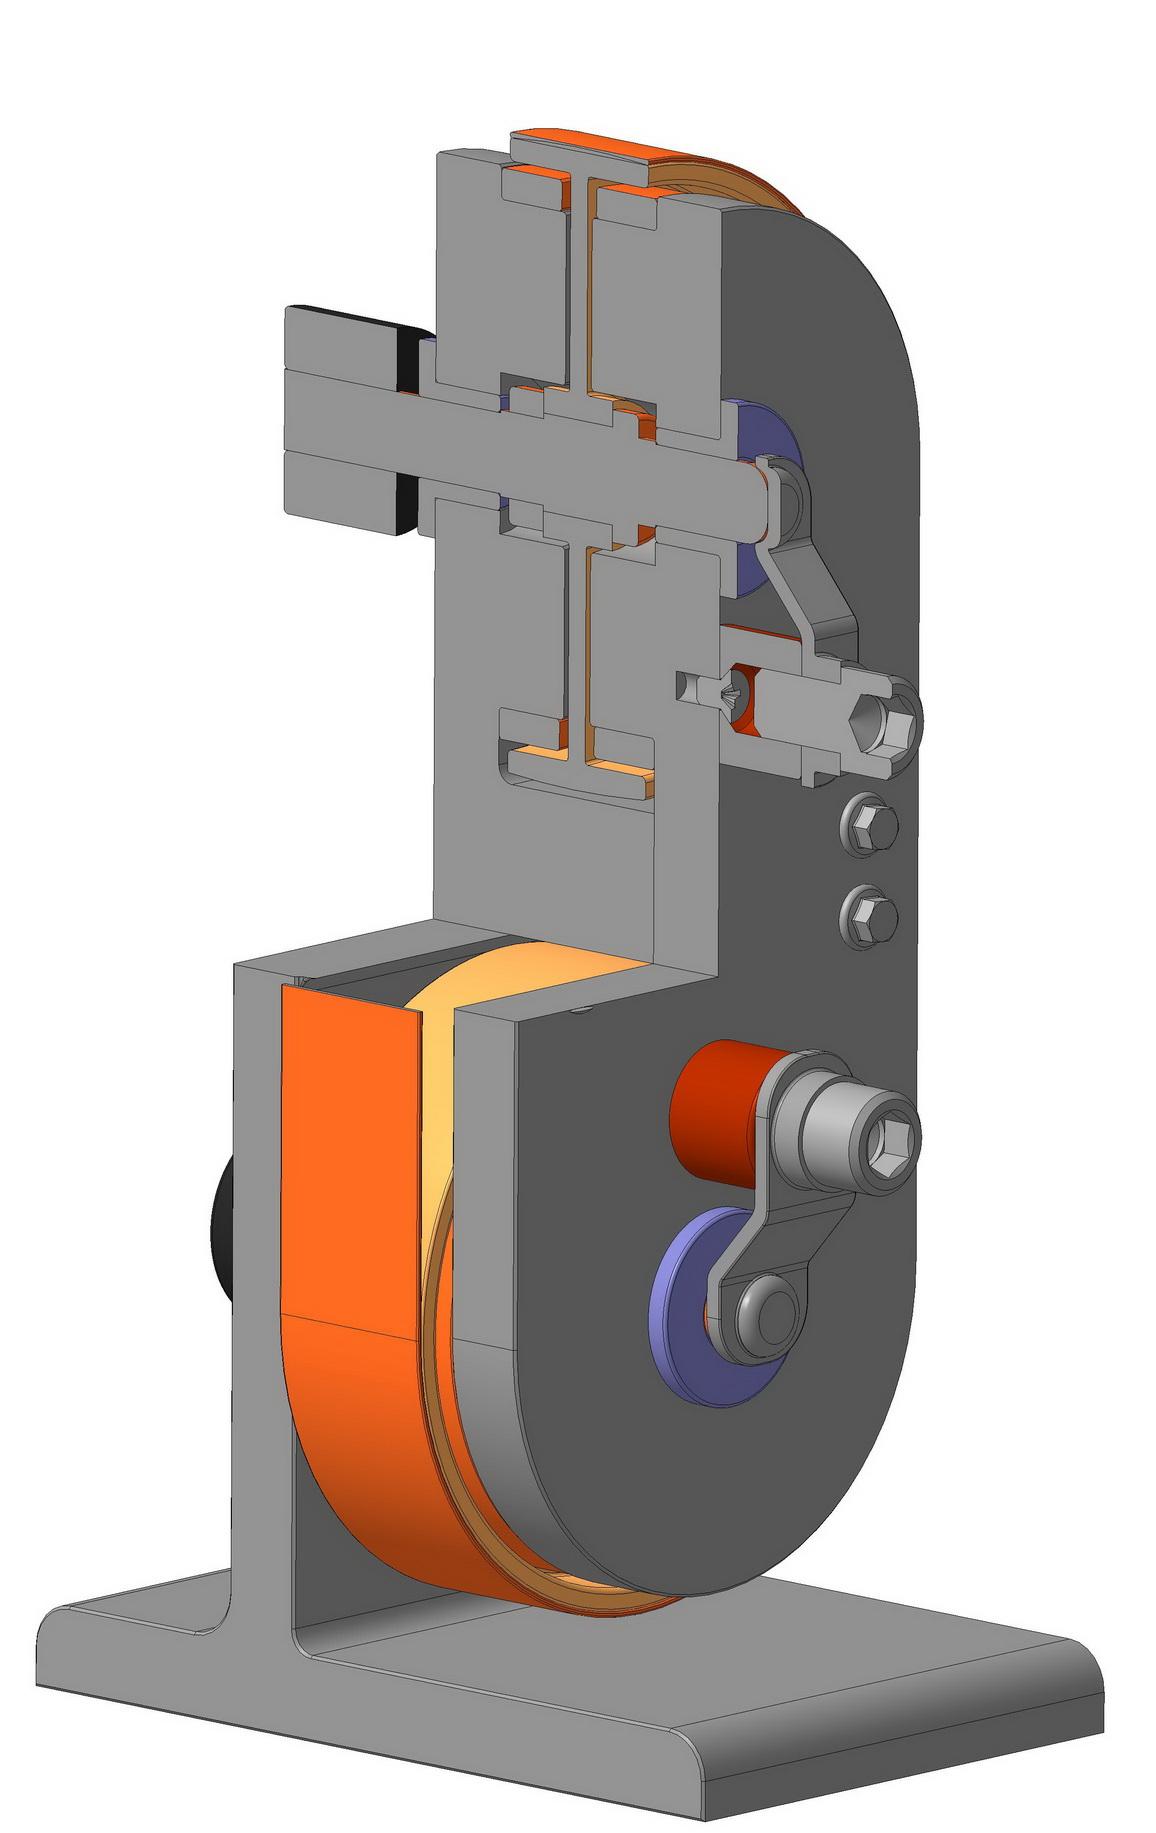 3D модель динамо электрической машины Н. Тесла. Униполярный генератор Тесла.